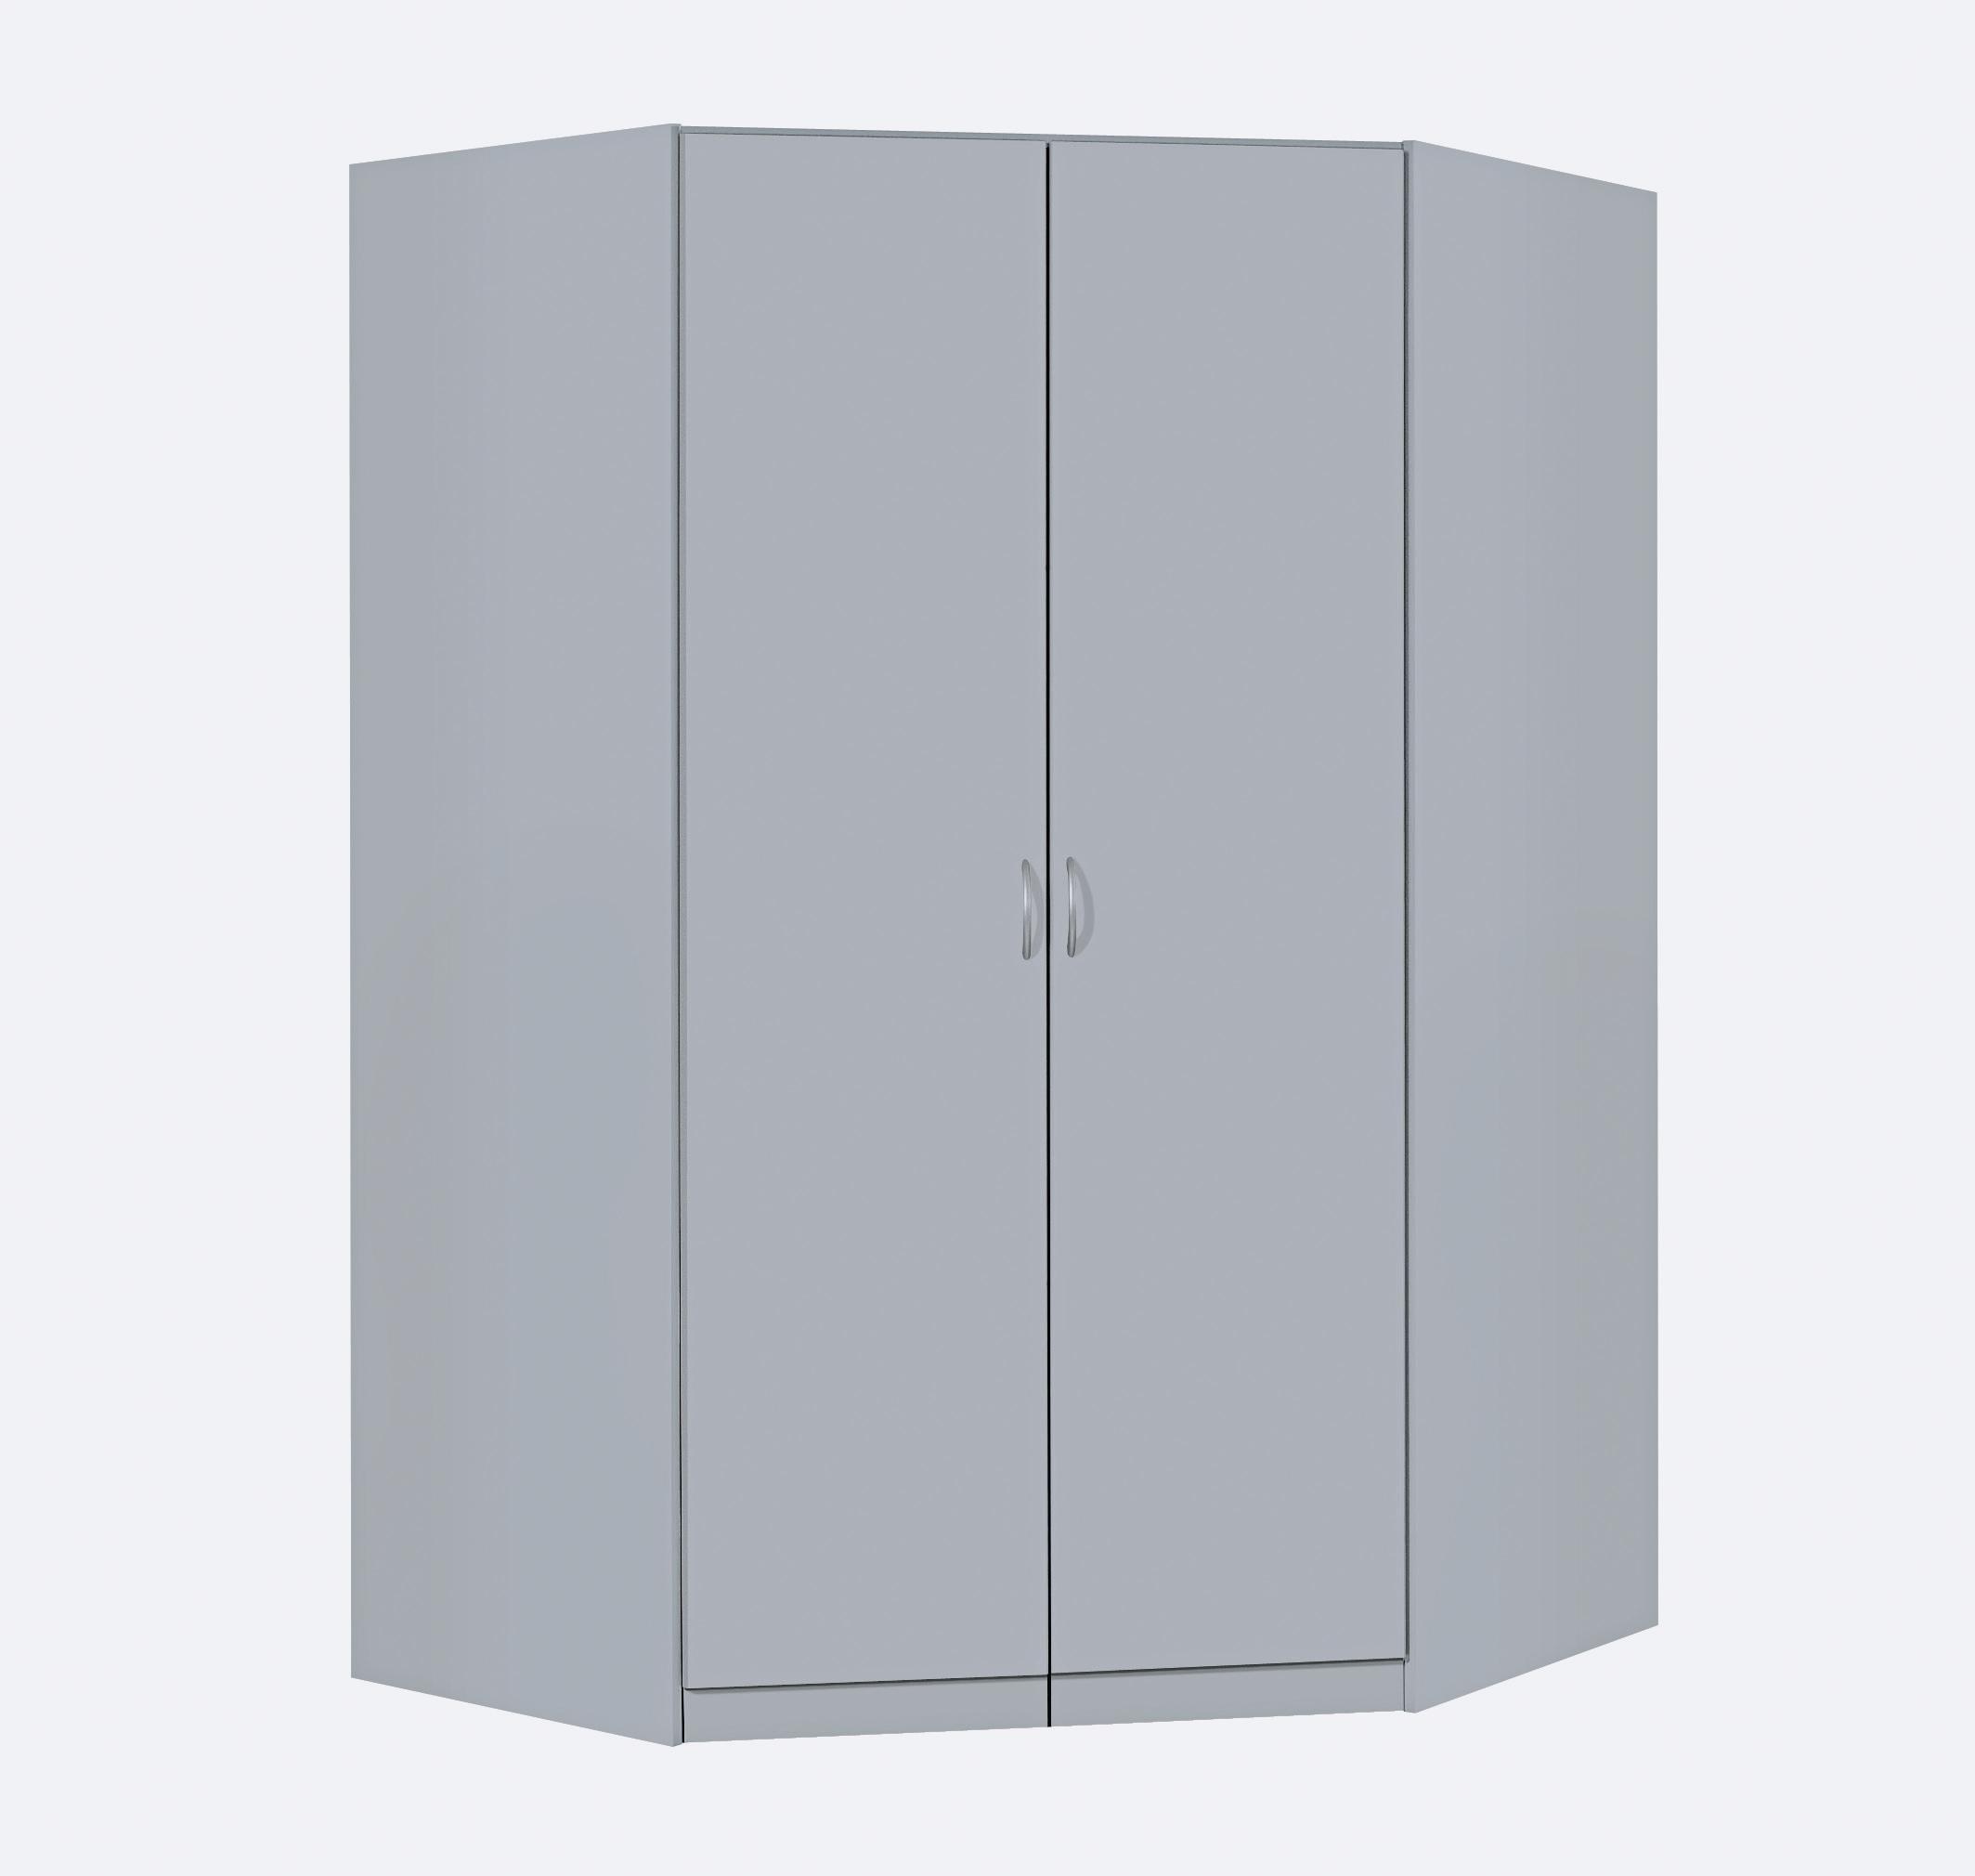 rauch eck kleiderschrank case begehbar 117 x 117 cm ebay. Black Bedroom Furniture Sets. Home Design Ideas